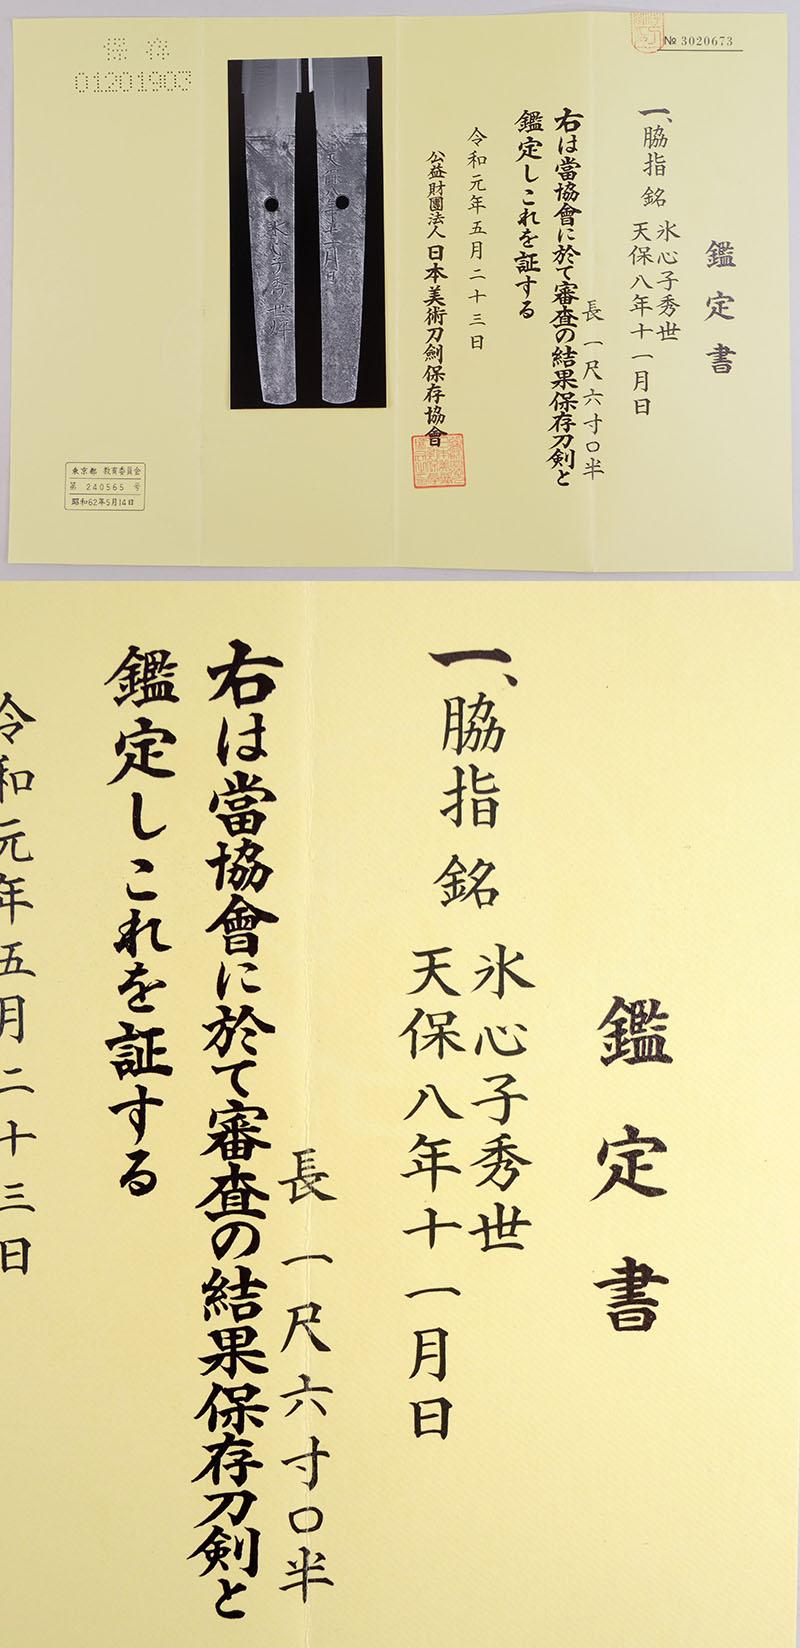 氷心子秀世 Picture of Certificate